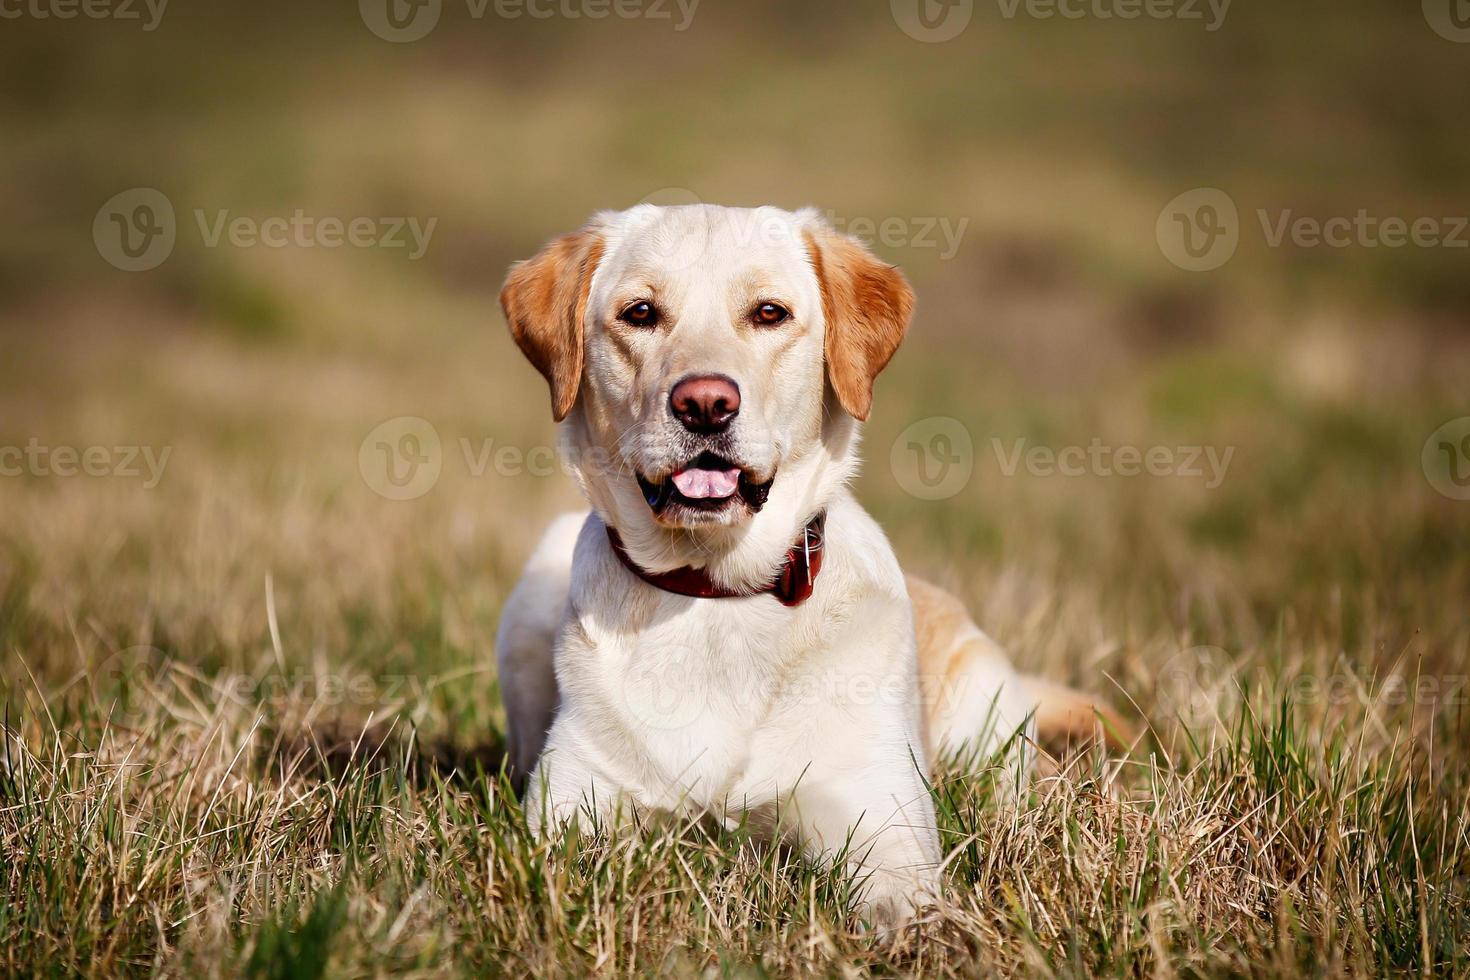 retriever dourado de pedigree, olhando para a câmera foto